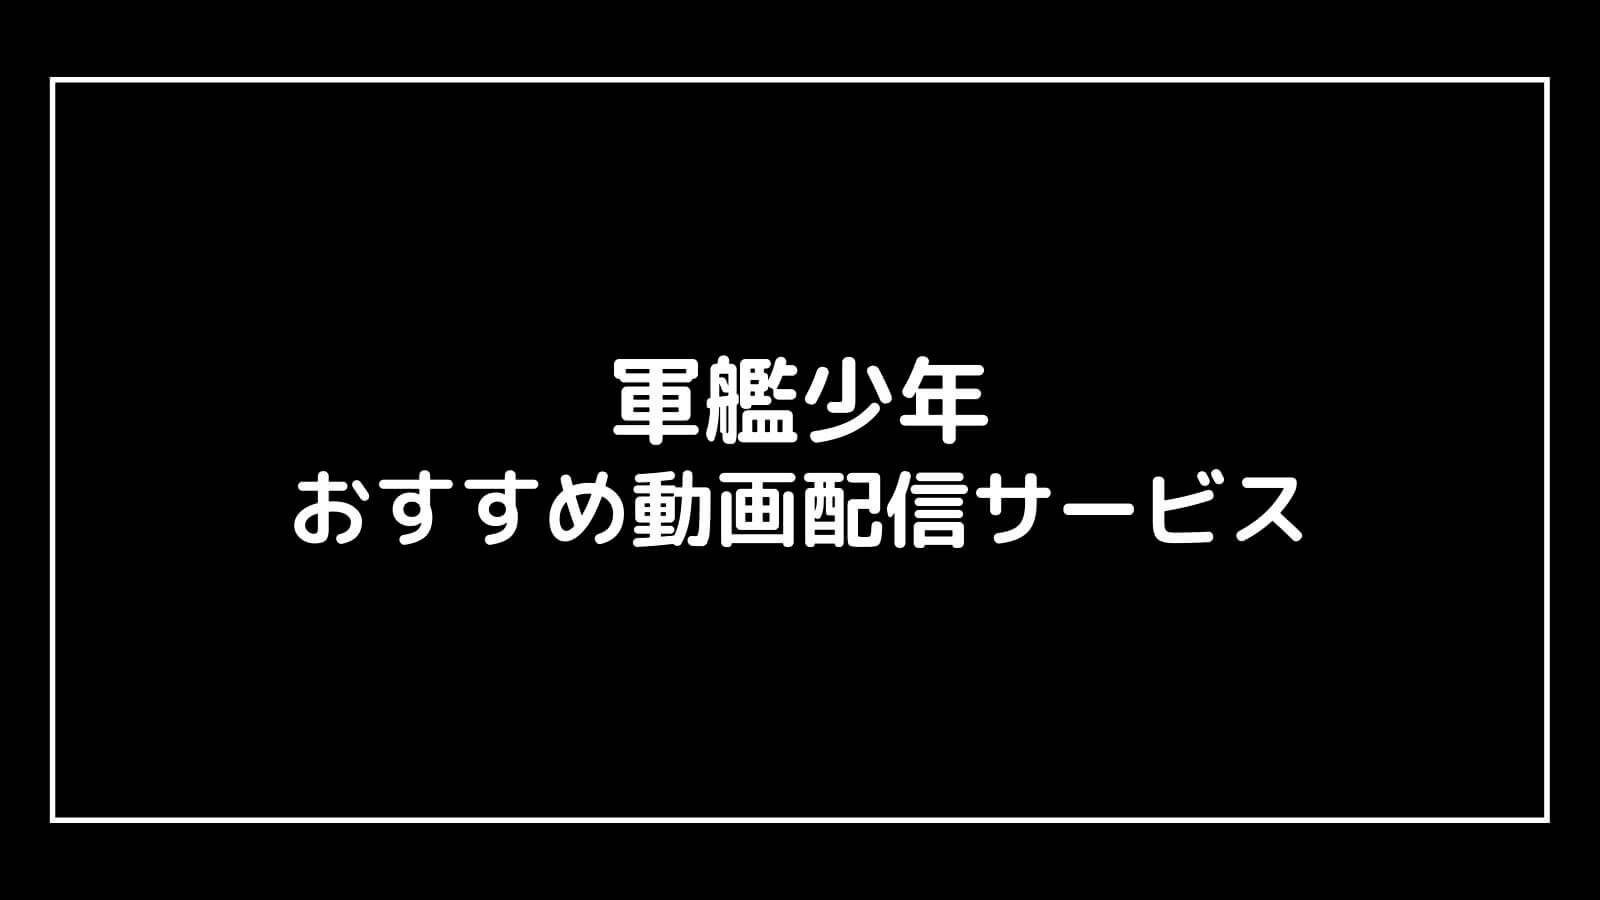 映画『軍艦少年』の動画配信を無料視聴できるサブスク一覧